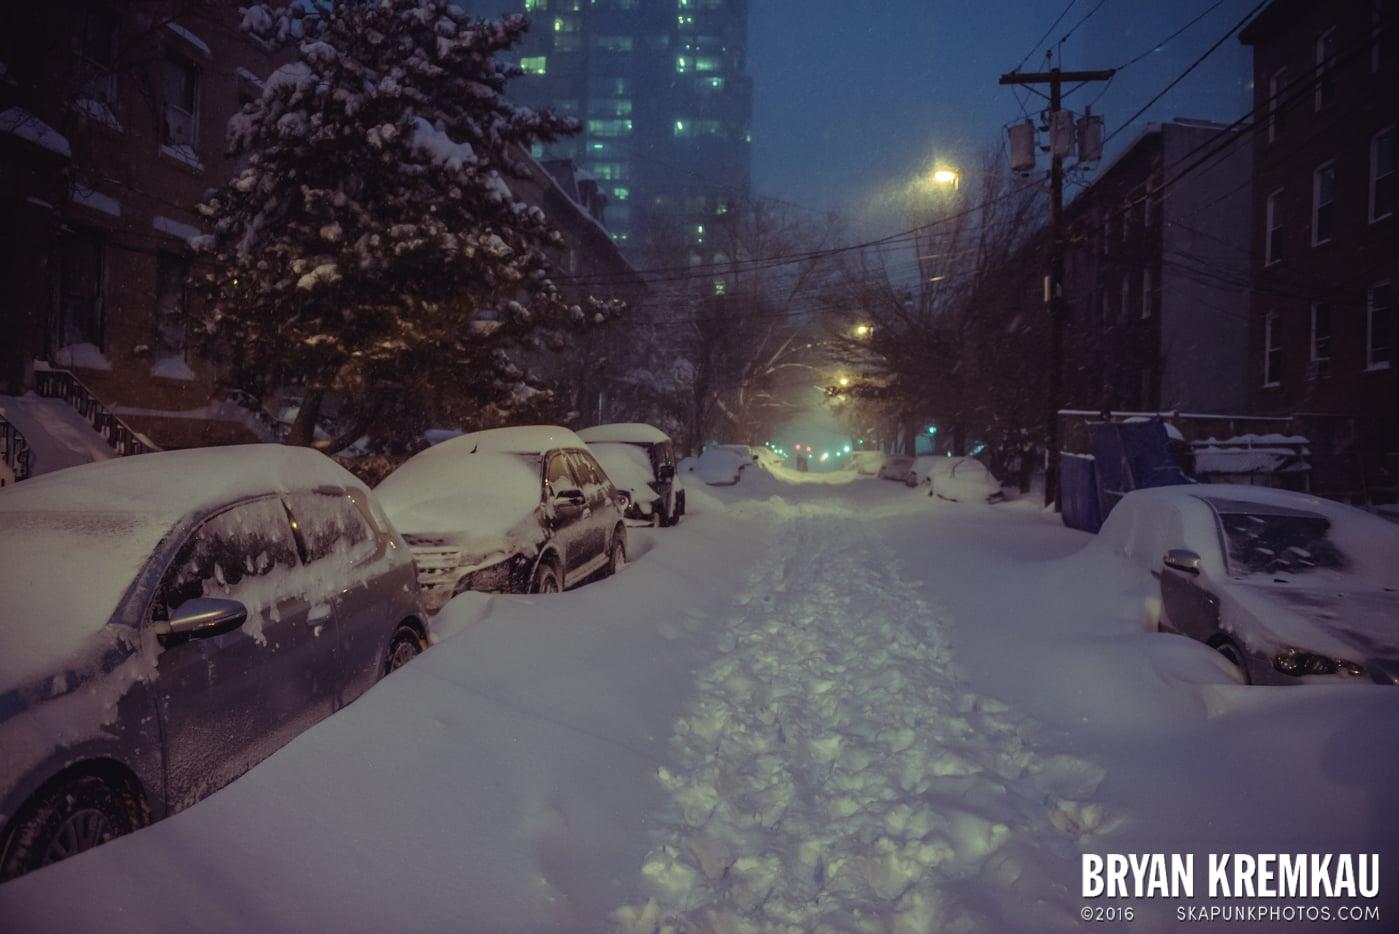 Blizzard 2016 in Jersey City, NJ - 1.23.16 (15)